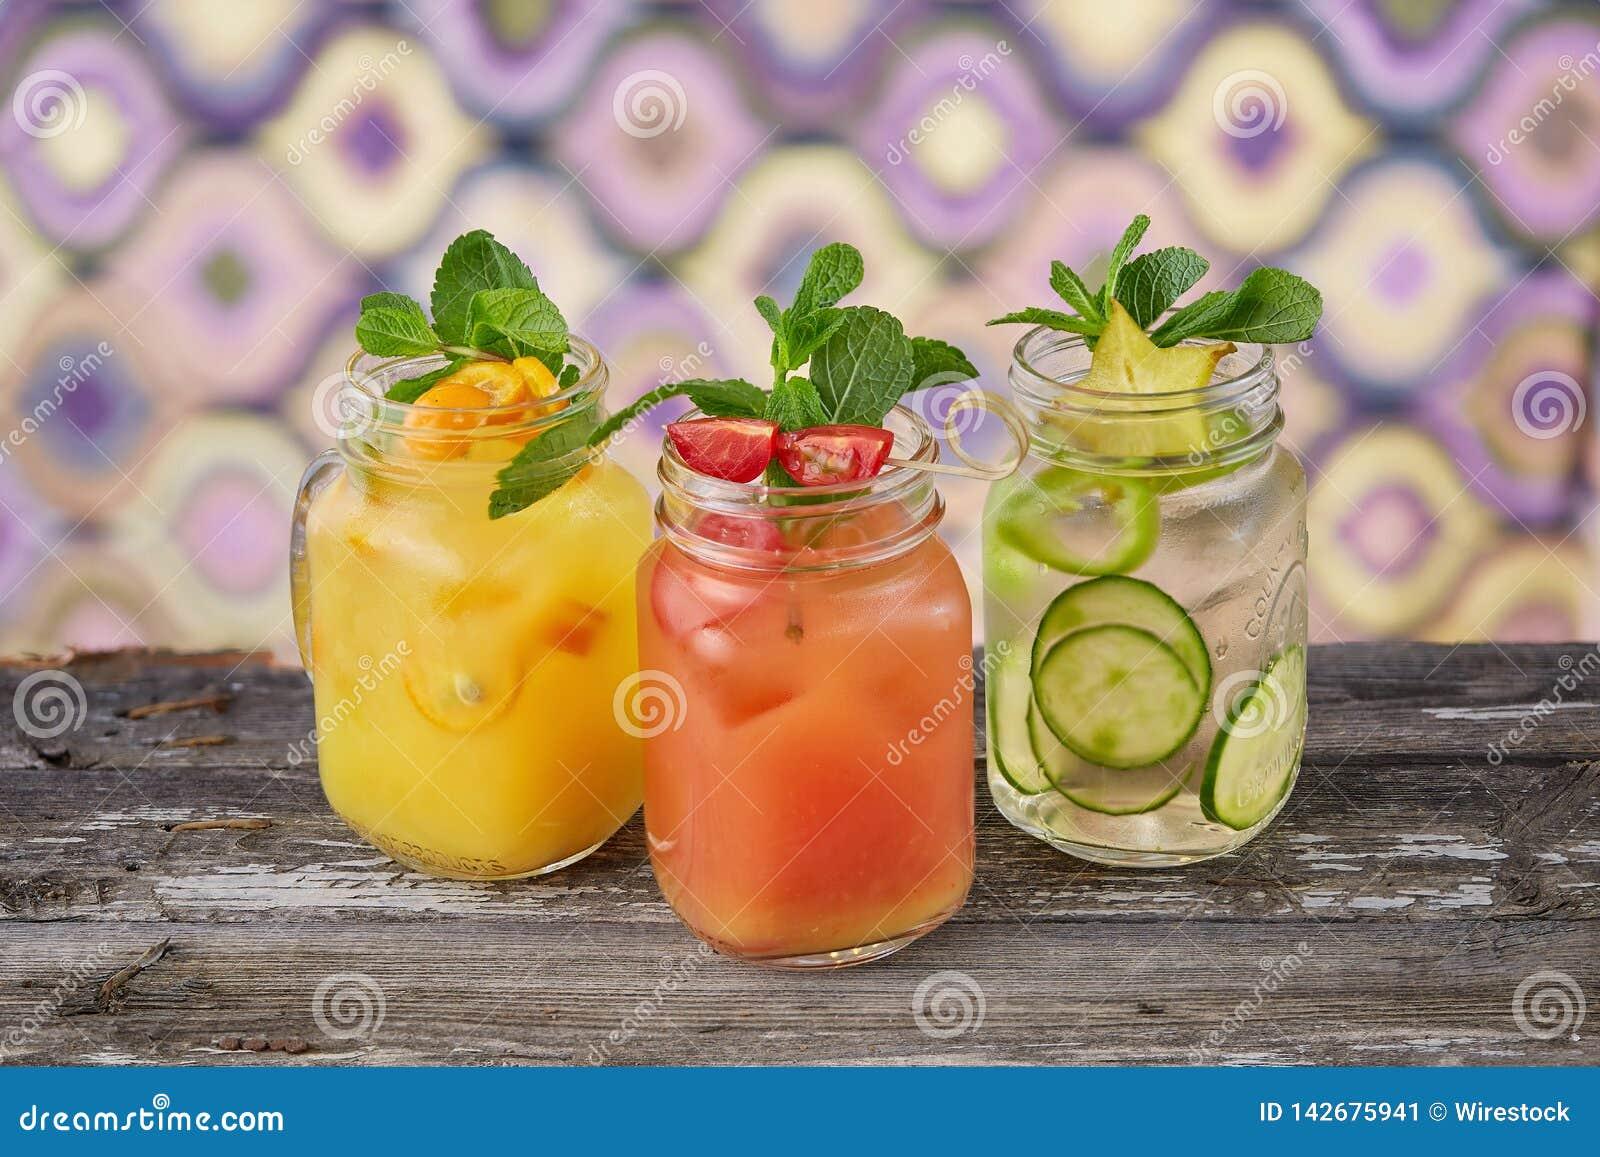 Frascos coloridos com limonada